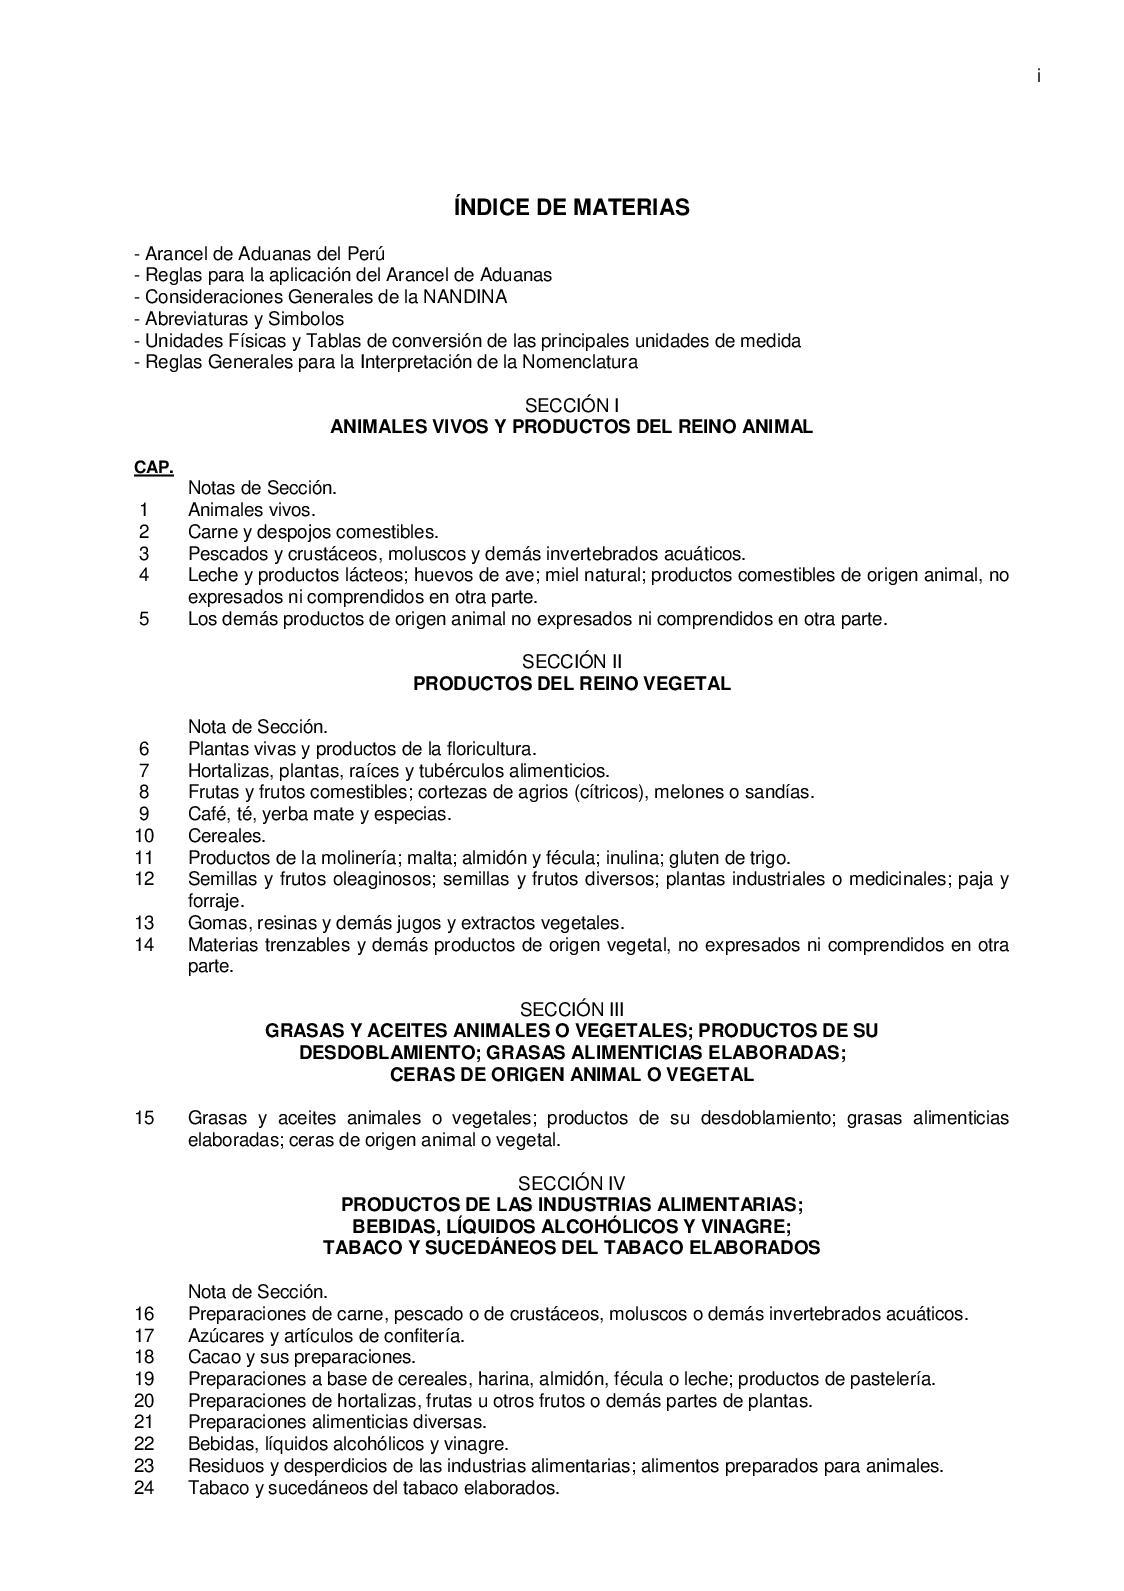 Calaméo - Arancel De Aduanas 2017(1)